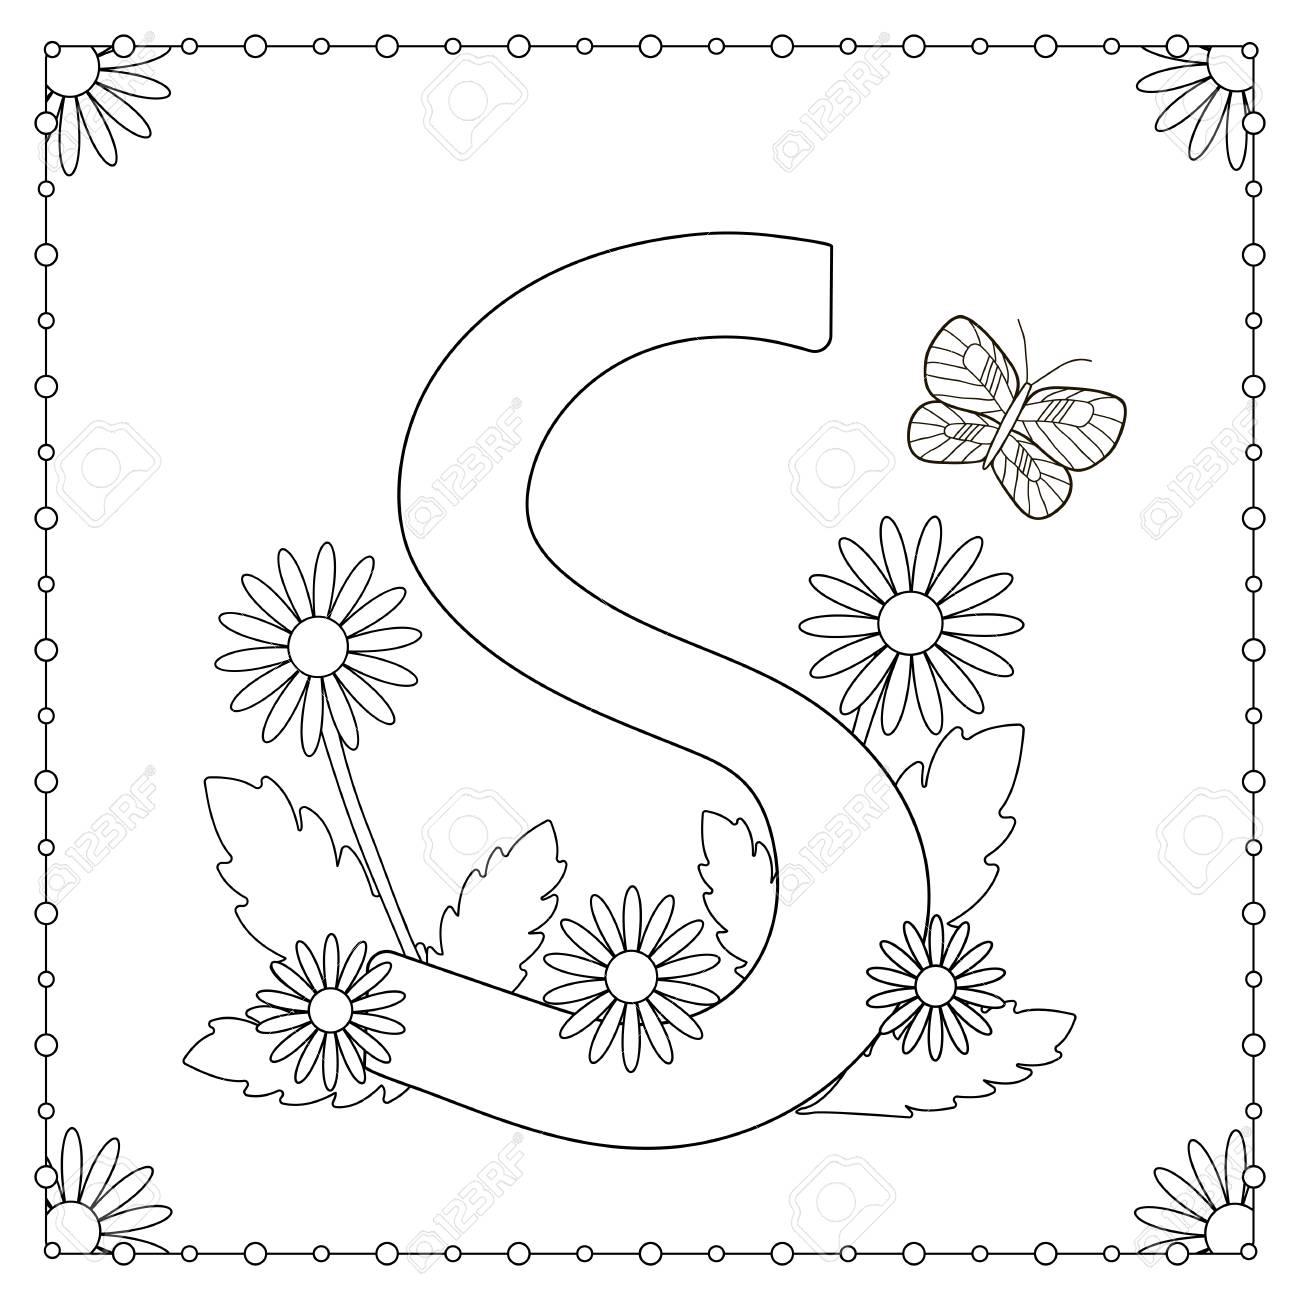 Vettoriale Alfabeto Da Colorare Lettera Maiuscola S Con Fiori